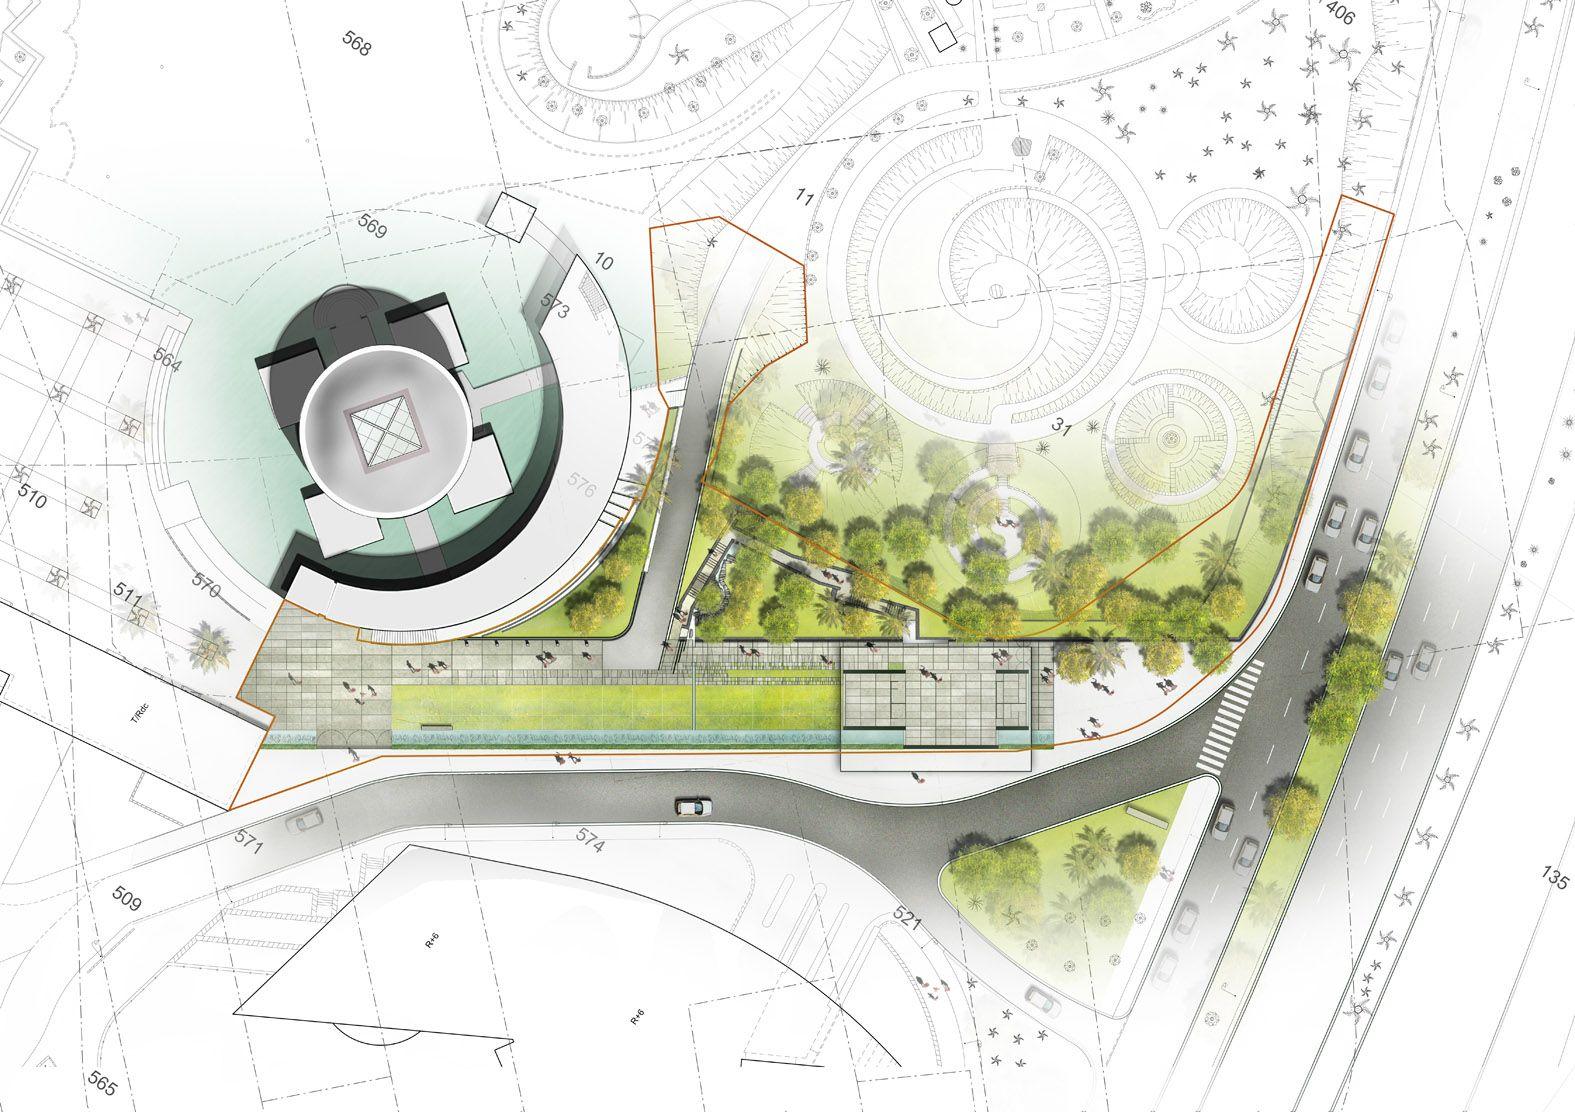 Am nagement du parvis du mus e des arts asiatiques nice for Plan masse architecture